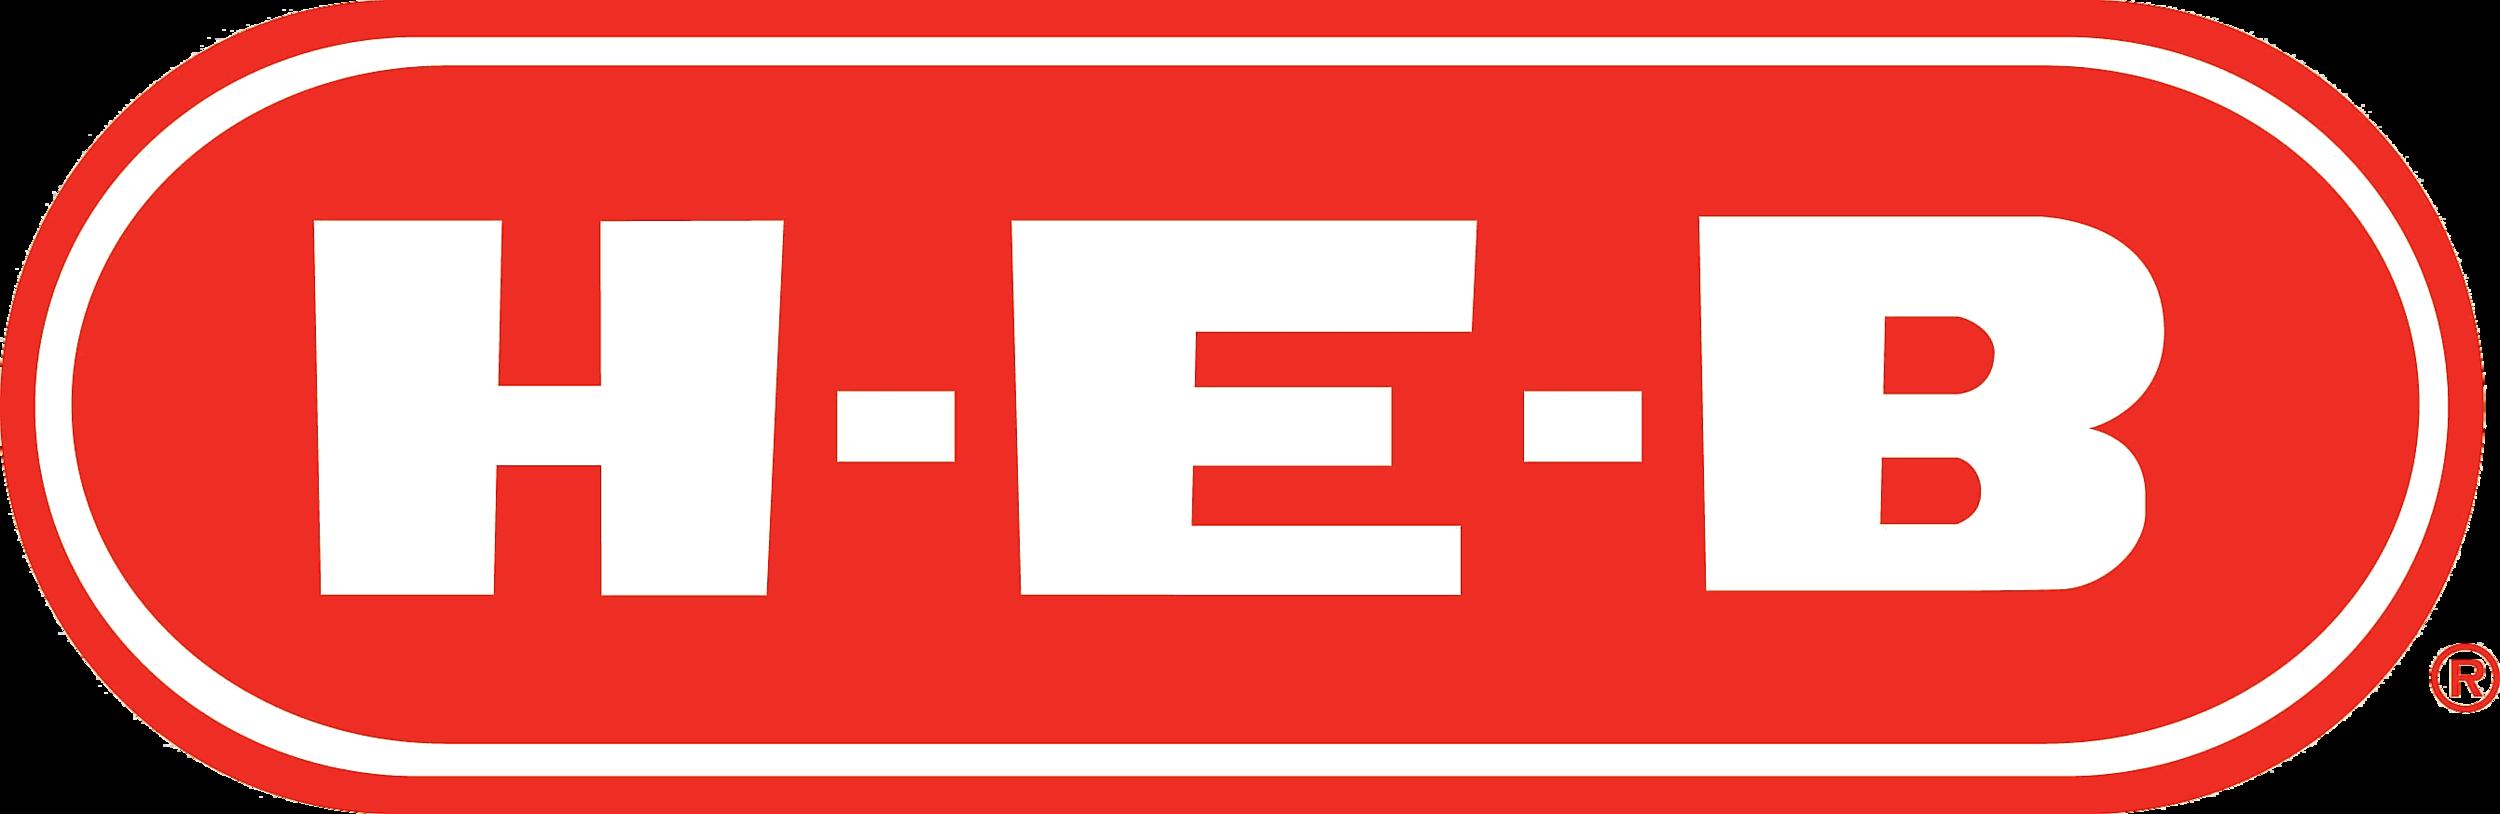 heb logo.png